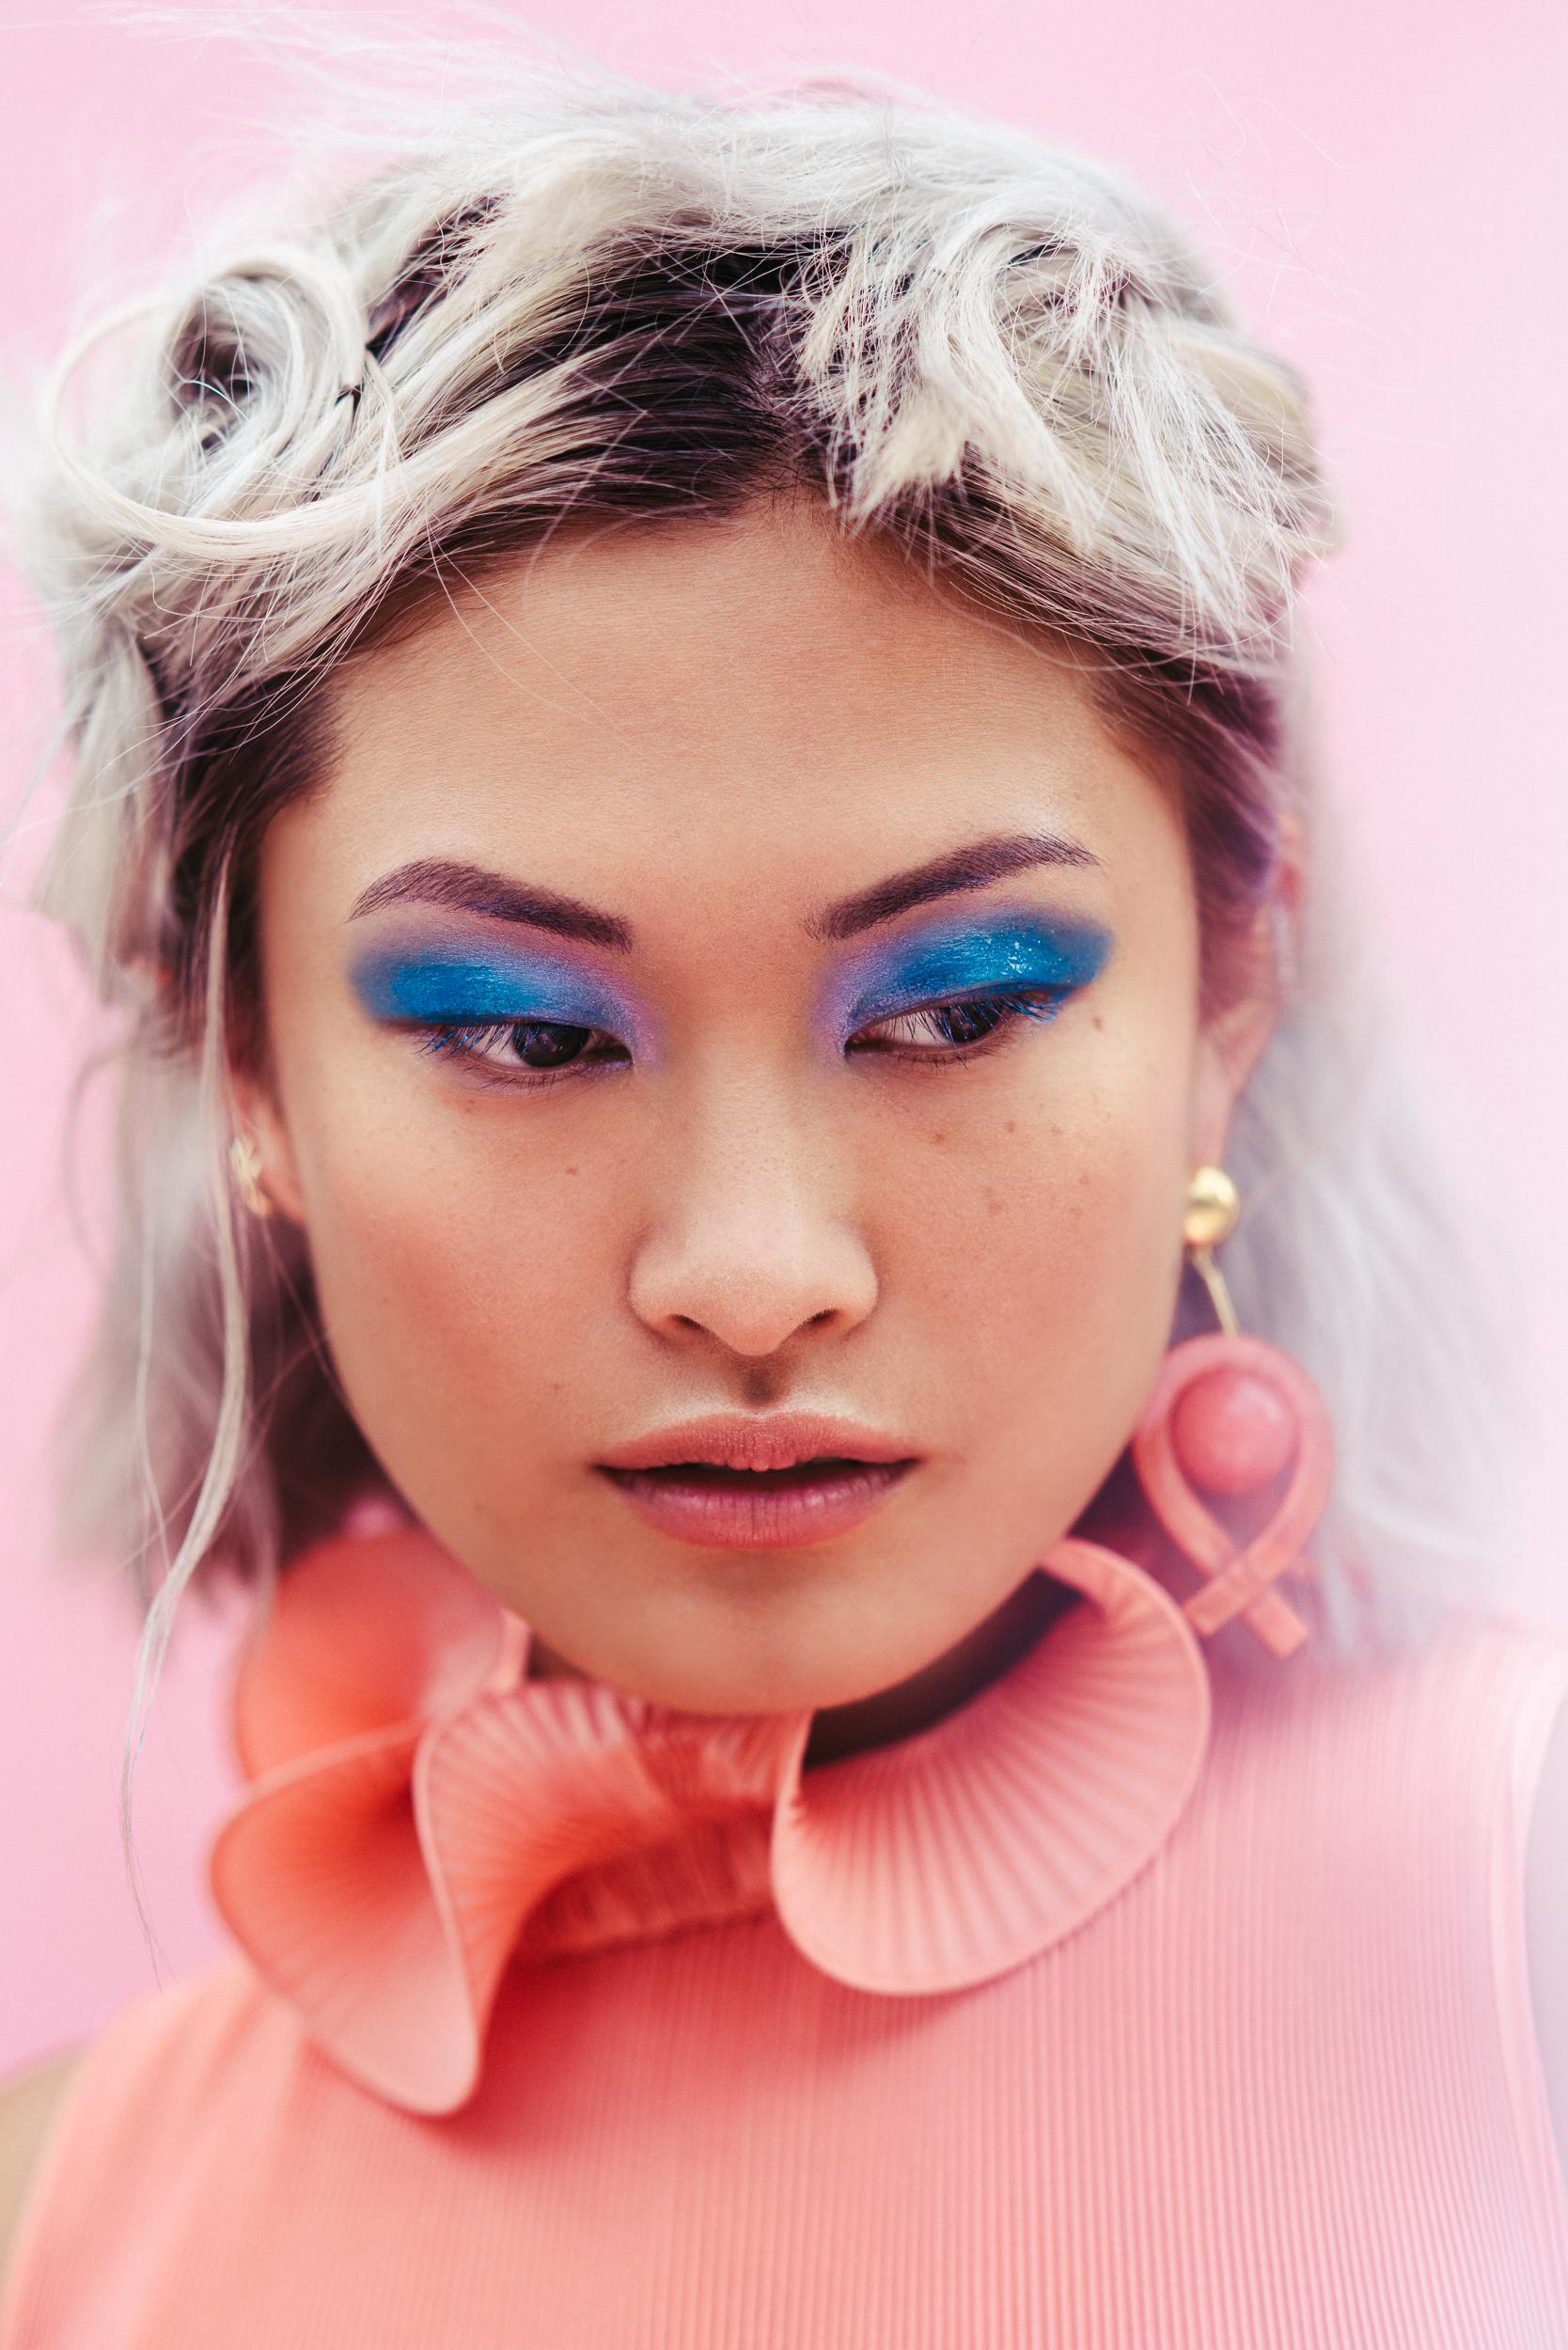 Augusta_Sagnelli_fashion_editorial-11.jpg